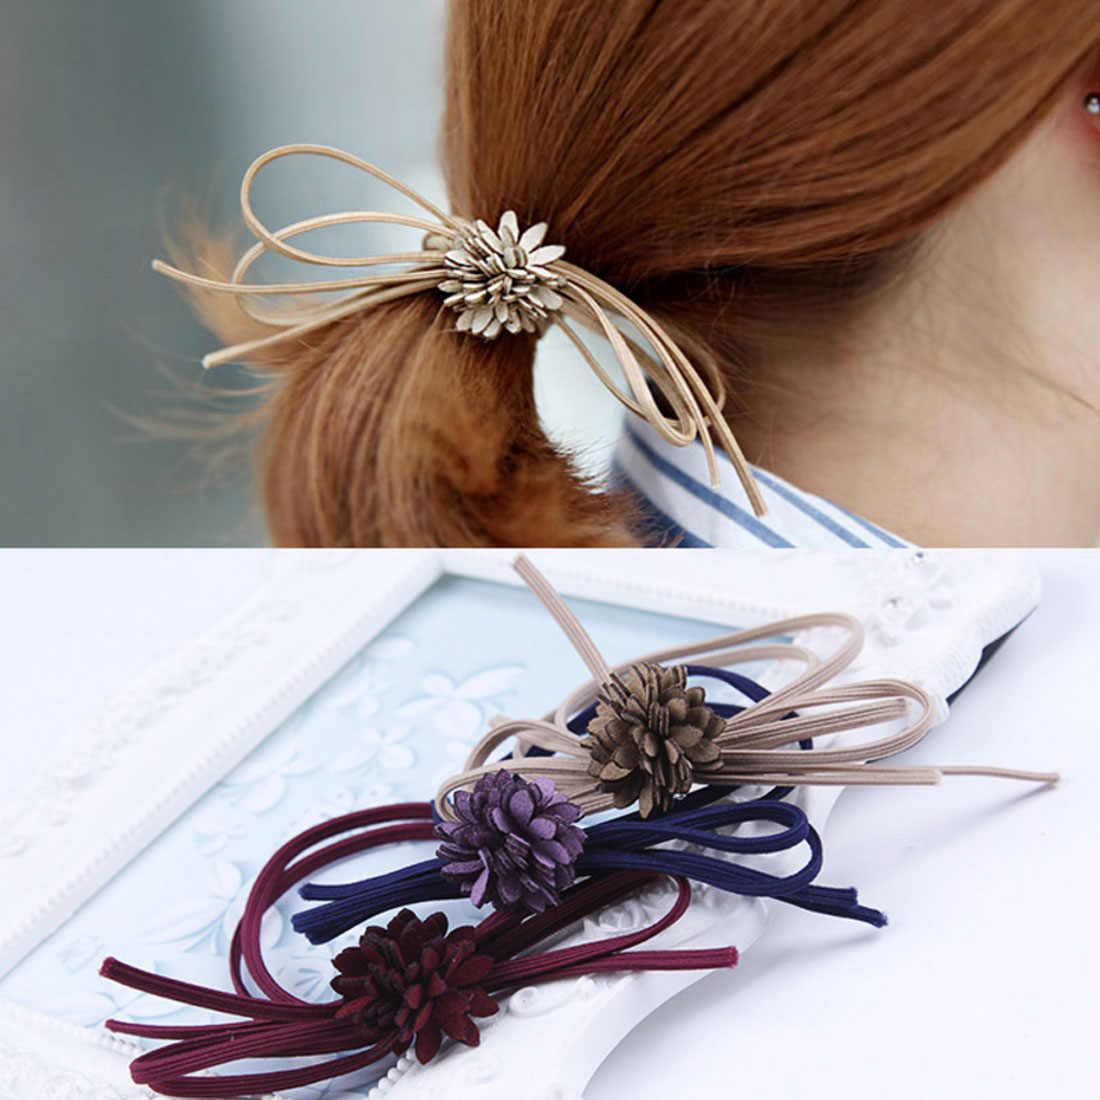 Топ женские Модные волосы луки эластичные ленты для волос для Для женщин милые дизайнеров конский хвост держатели глава веревка волос Acceessories